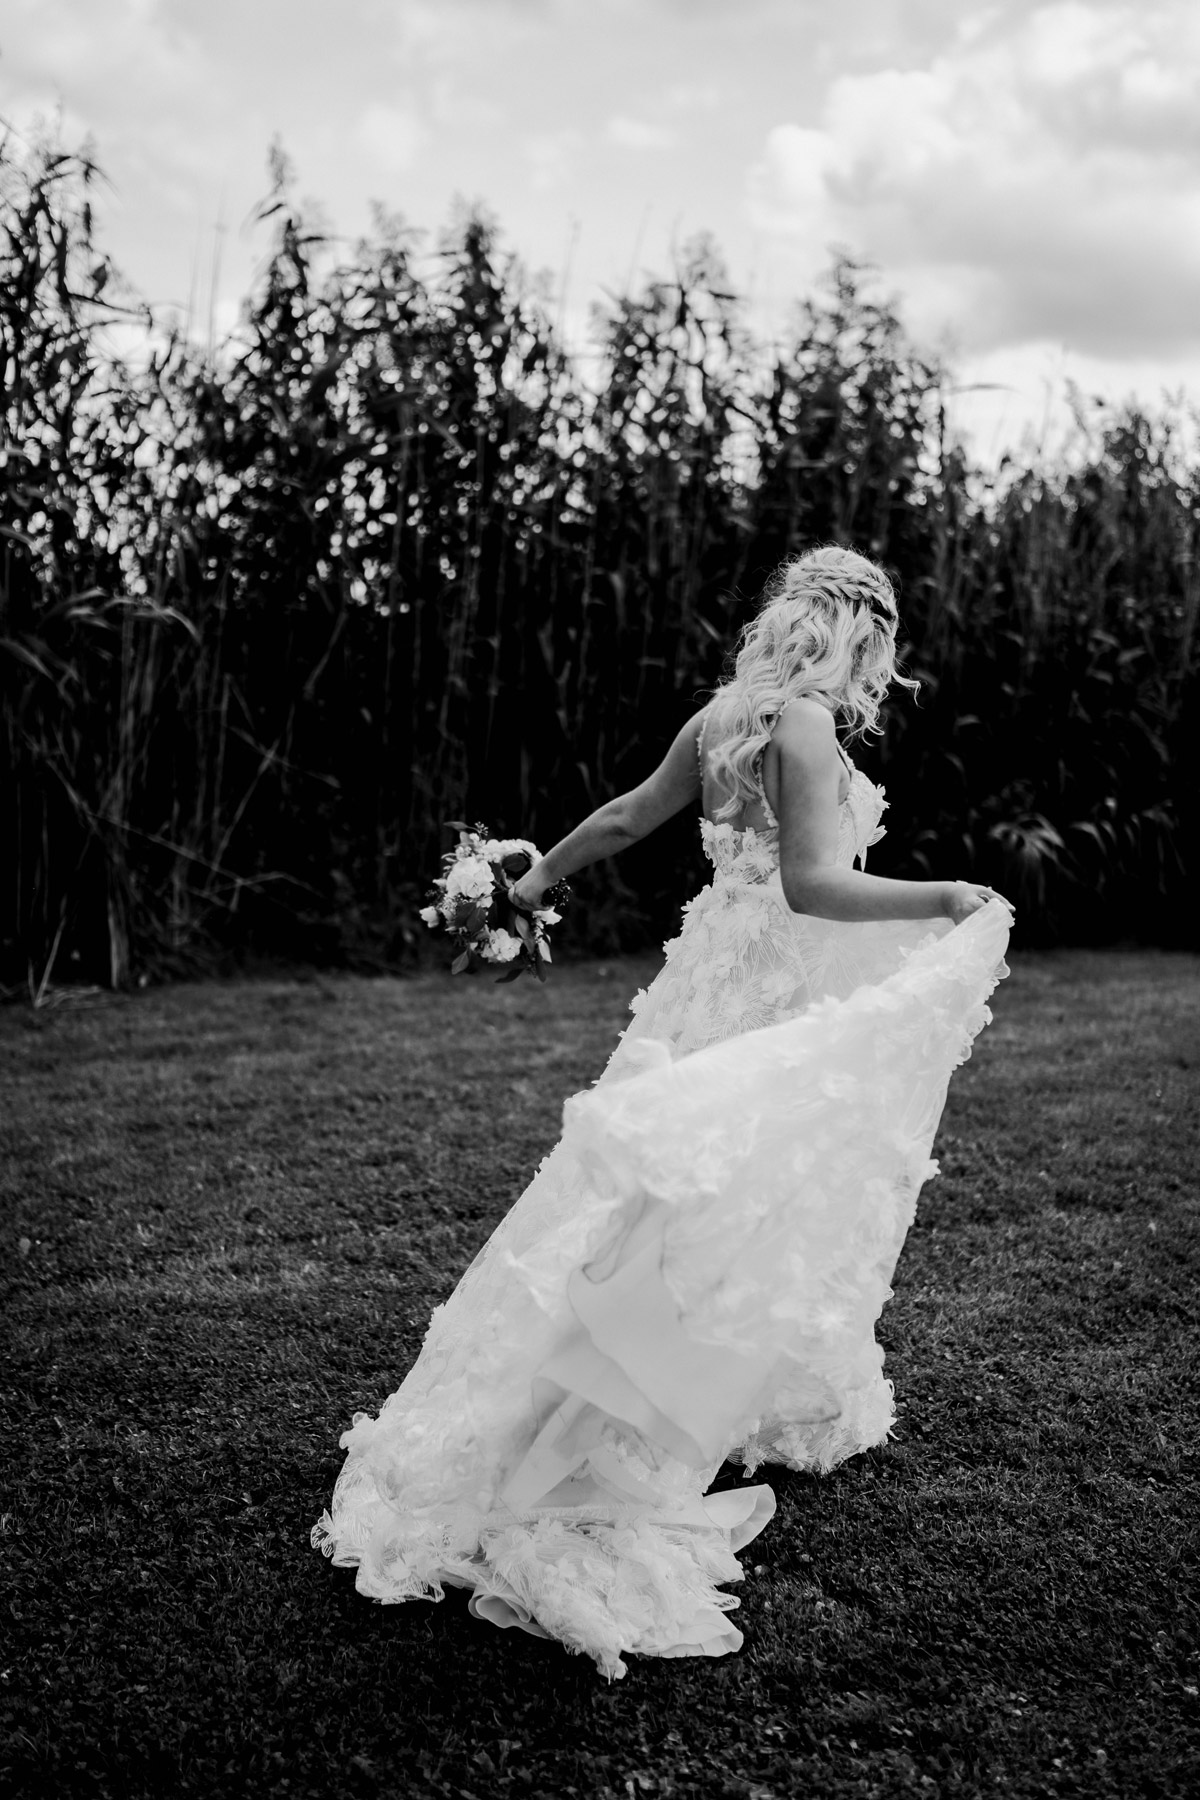 boho wedding dress real bride: #hochzeitslicht Braut trägt Galia Lahav Hochzeitskleid mit Blüten und wurde im Gehen von hinten fotografiert von Hochzeitsfotograf Potsdam im Resort Schwielowsee © www.hochzeitslicht.de